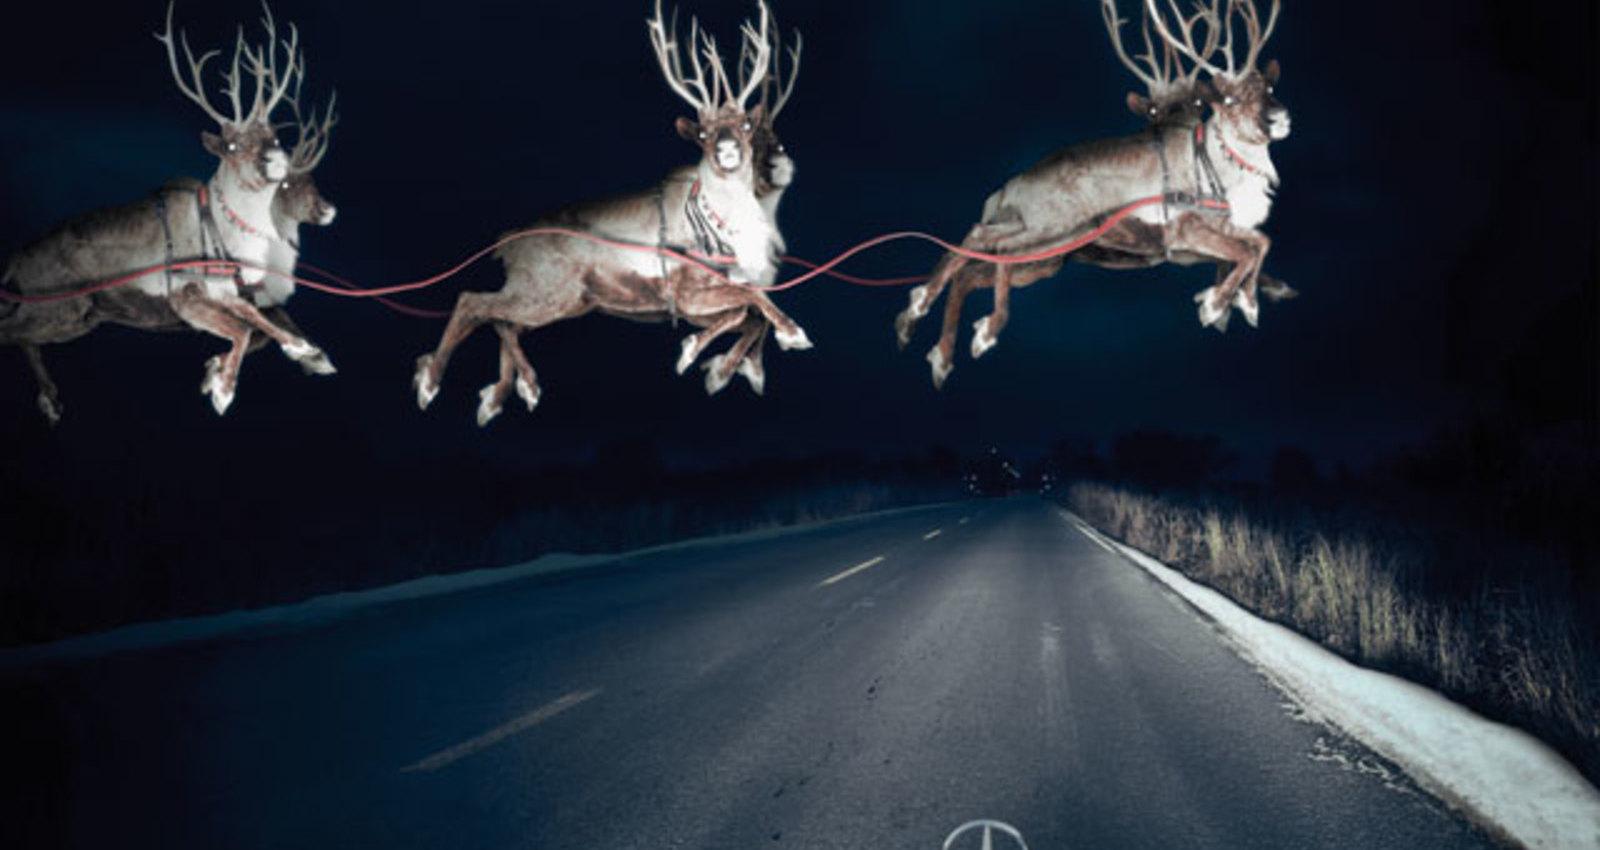 Reindeer in Headlights